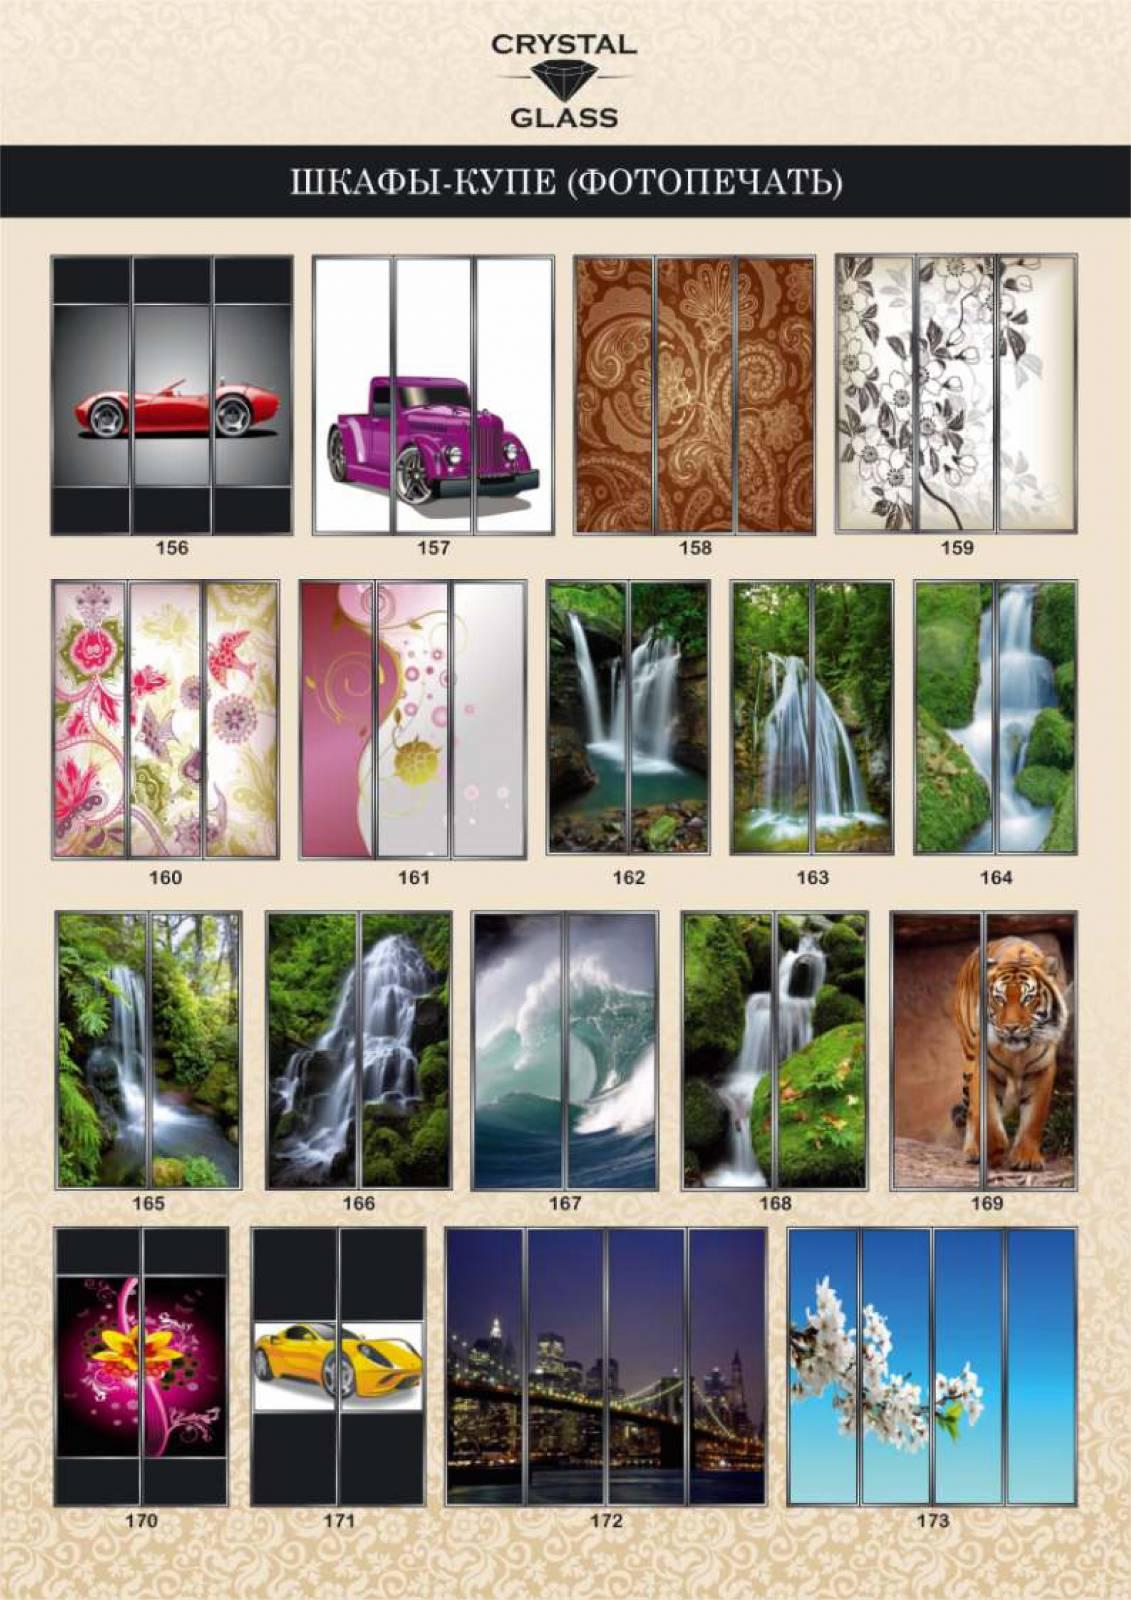 Eall.com.ua версия для печати шкафы - купе фотопеЧать на сте.